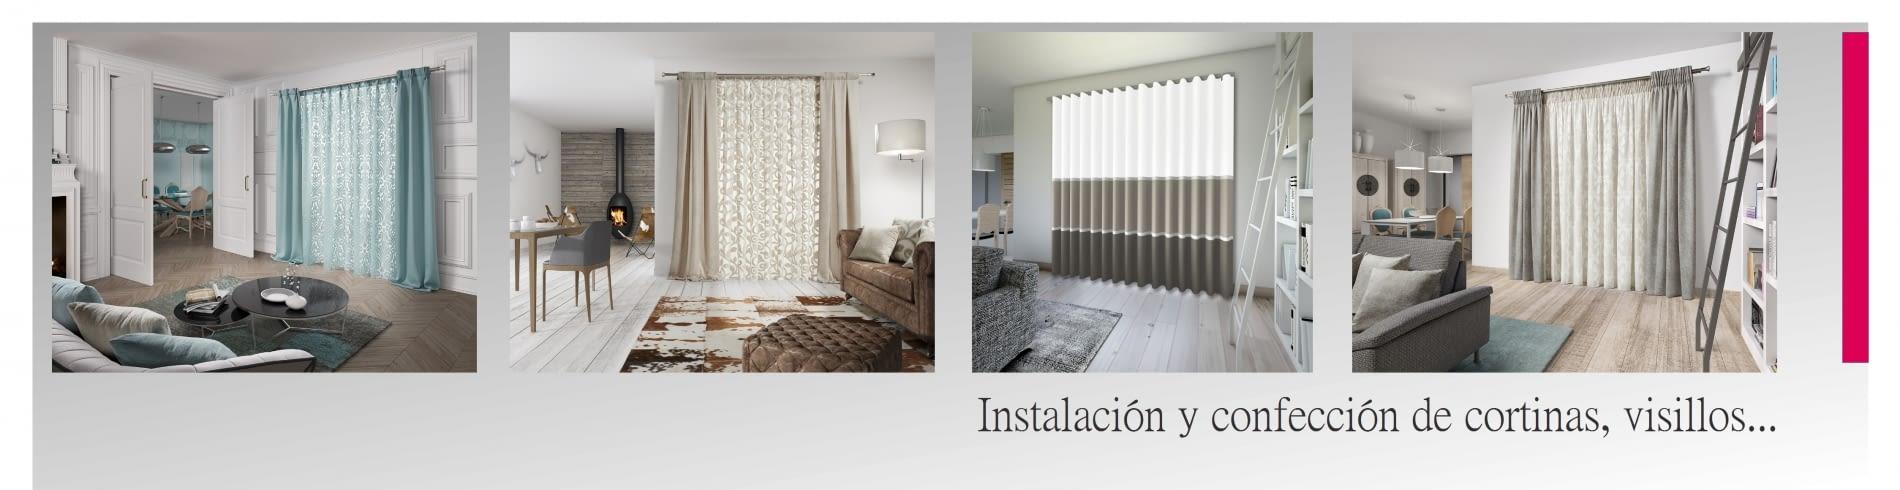 Confección cortinas